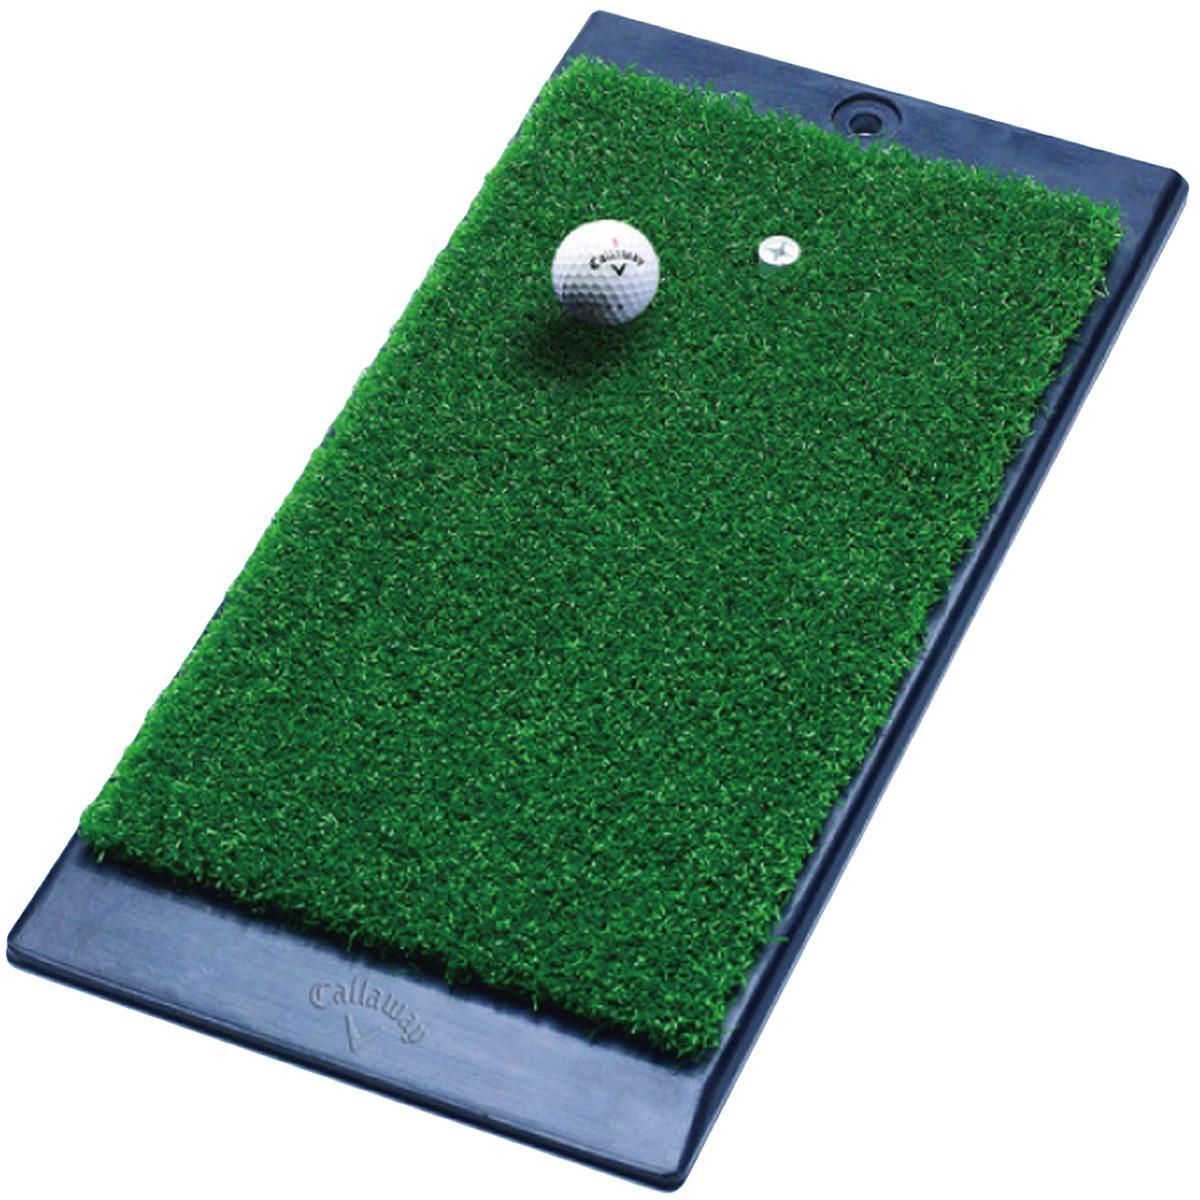 キャロウェイゴルフ Callaway Golf FT LAUNCH ZONE LARGE マット 070021500097[ゴルフ用品 ゴルフ 練習 ゴルフ練習器具 おすすめ オススメ 人気 gdo]